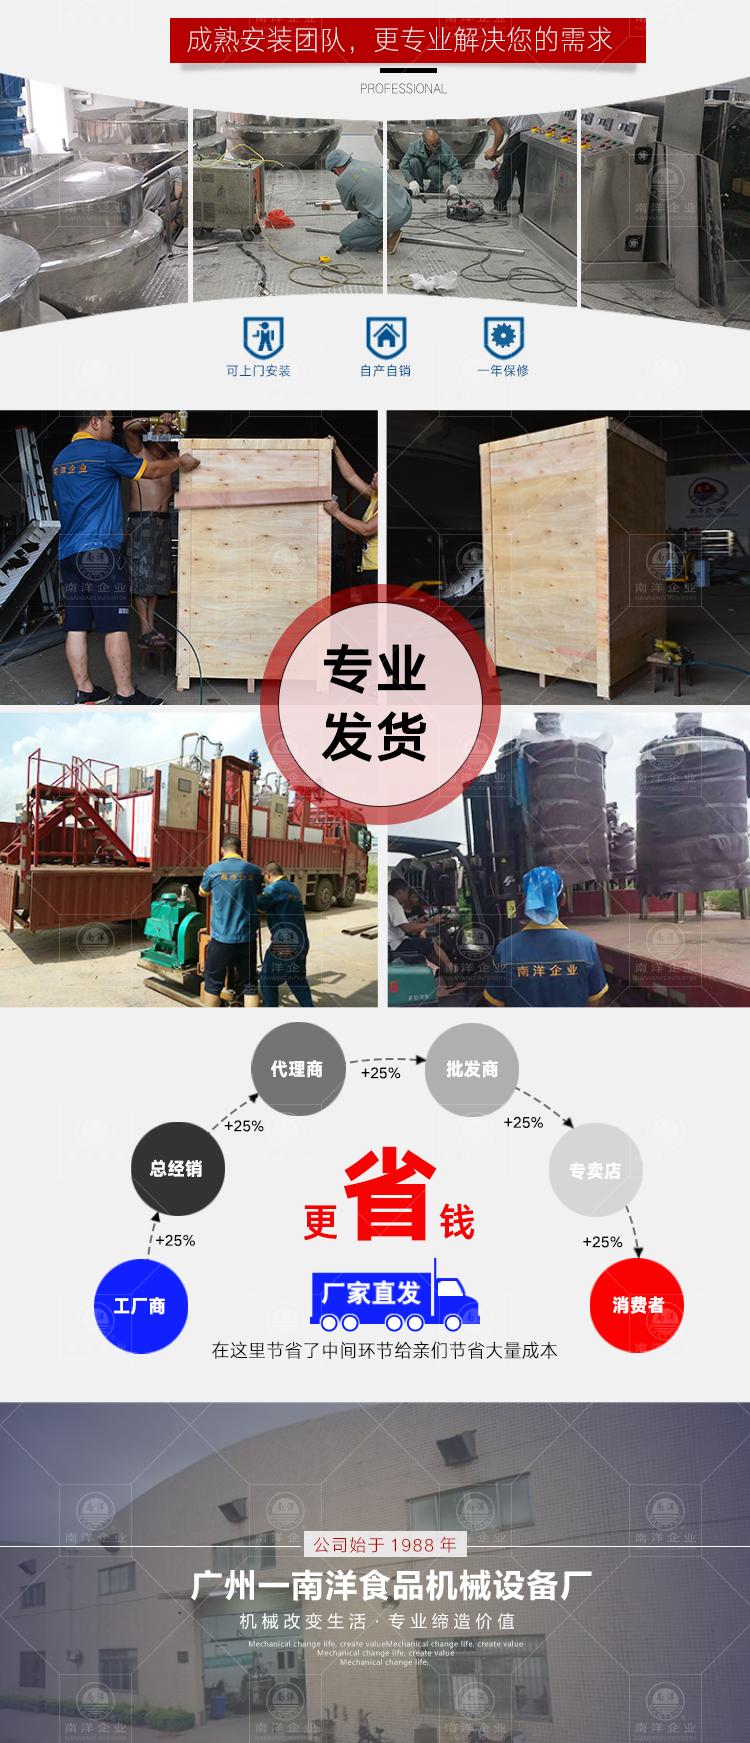 南洋输送泵-转子泵新款_16.jpg